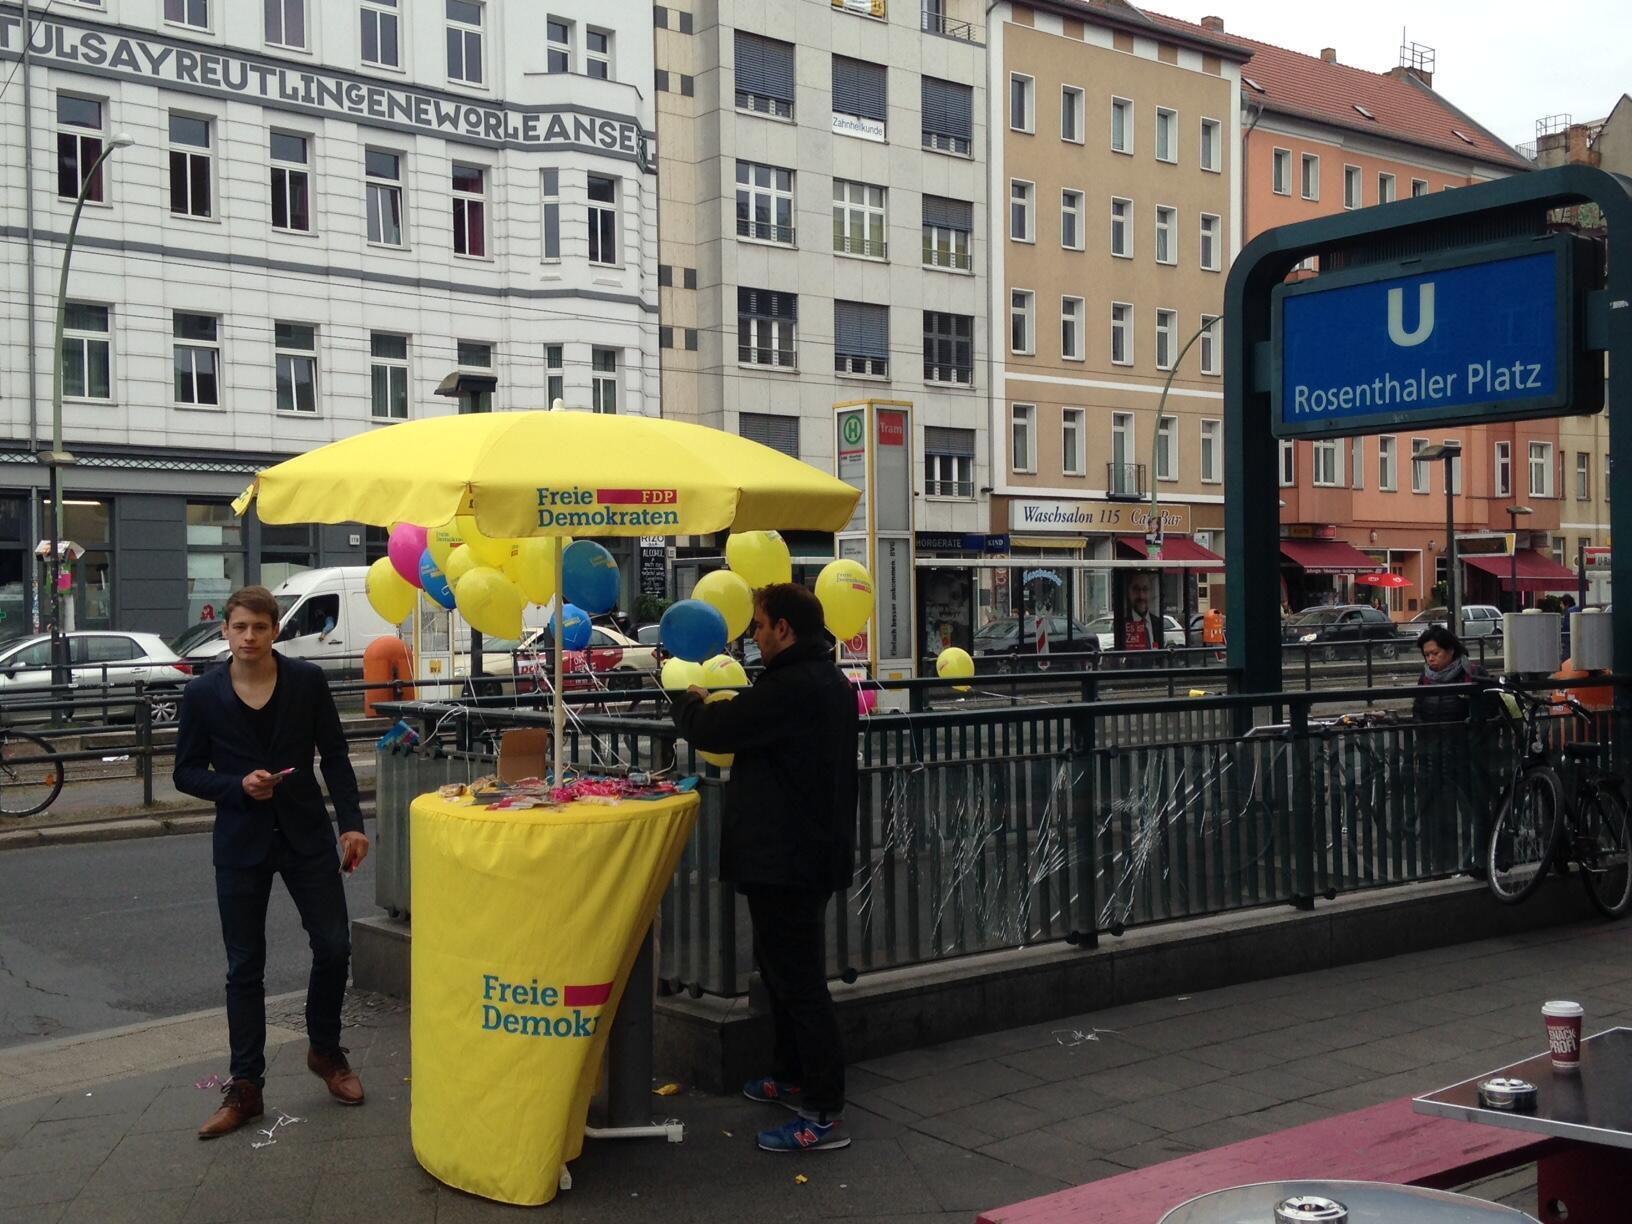 Equipe do FPD distribui panfletos na Rosenthaler Platz, em Berlim, na reta final da eleição legislativa alemã